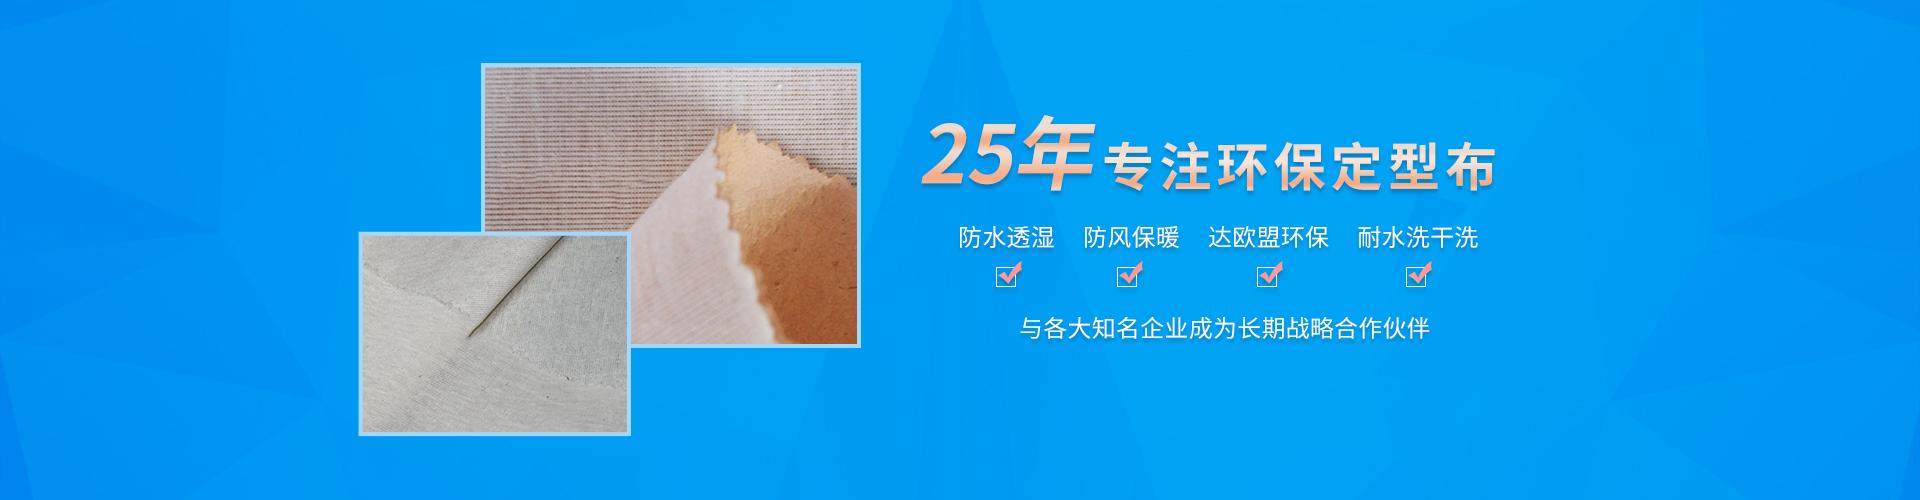 首页中文我的优势02